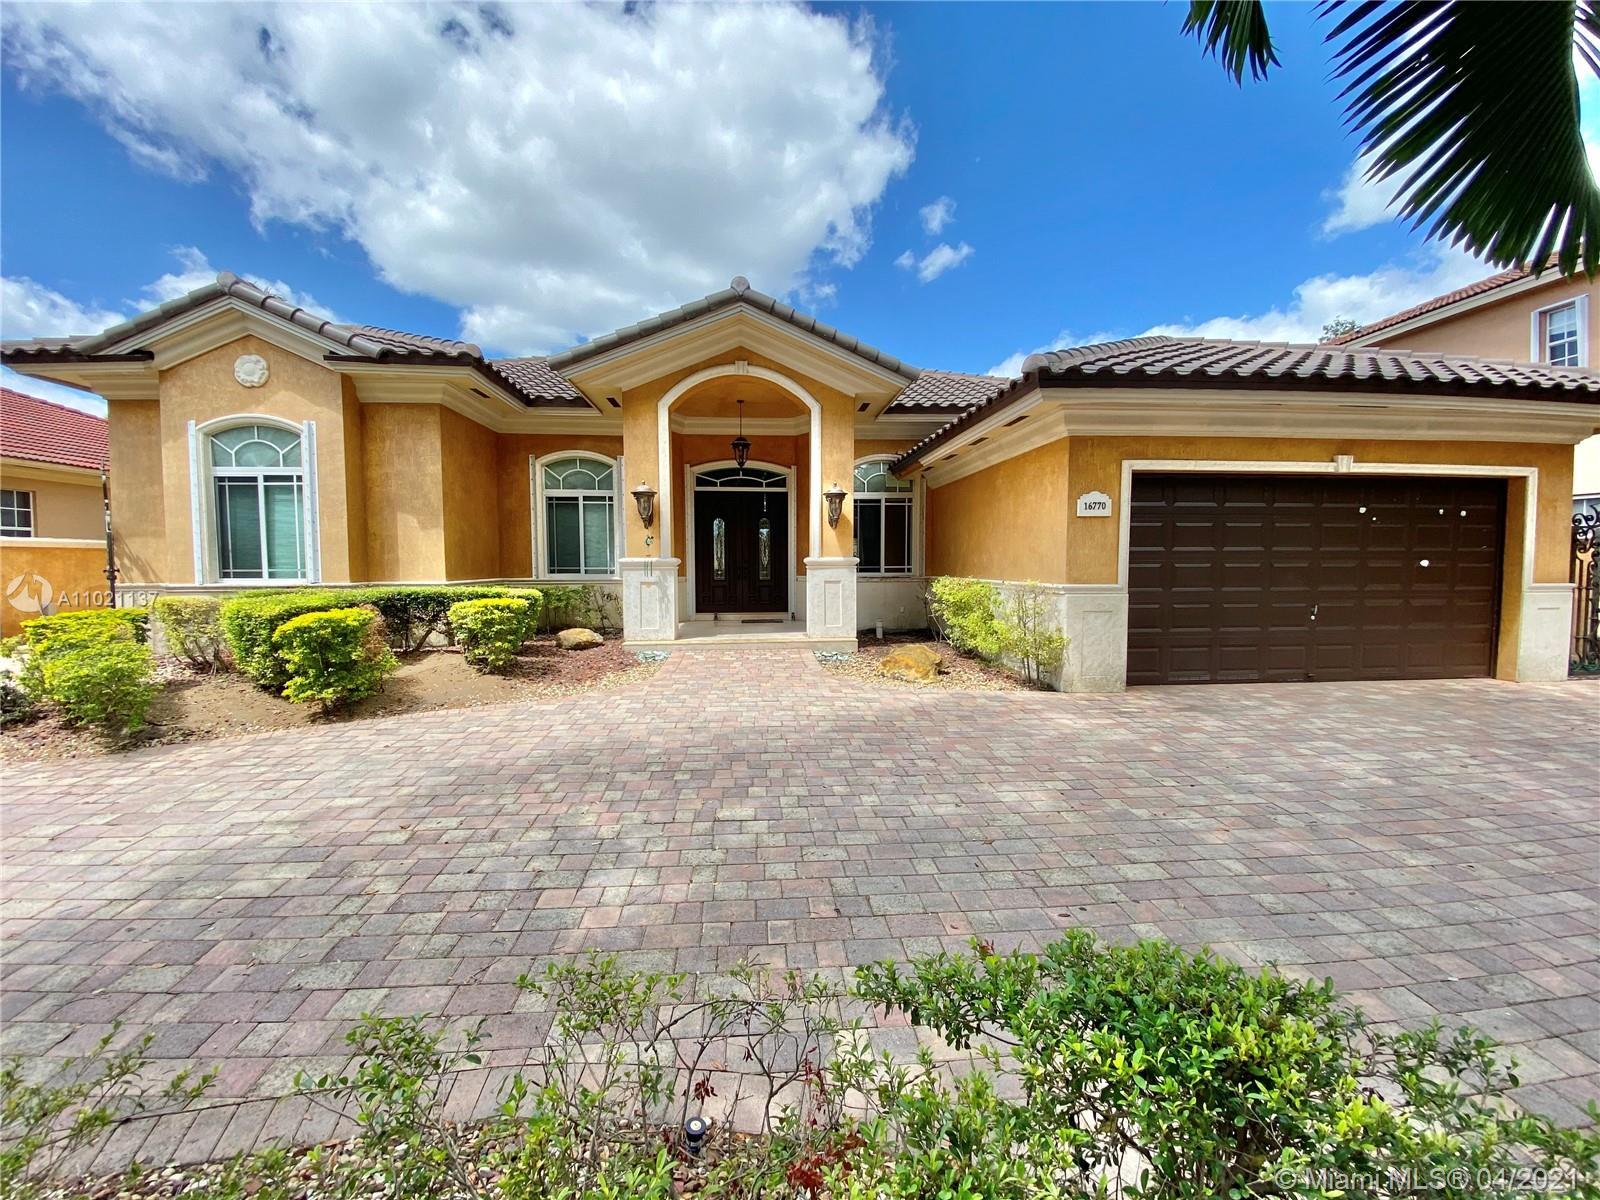 Miami Lakes - 16770 NW 86th Ct, Miami Lakes, FL 33016